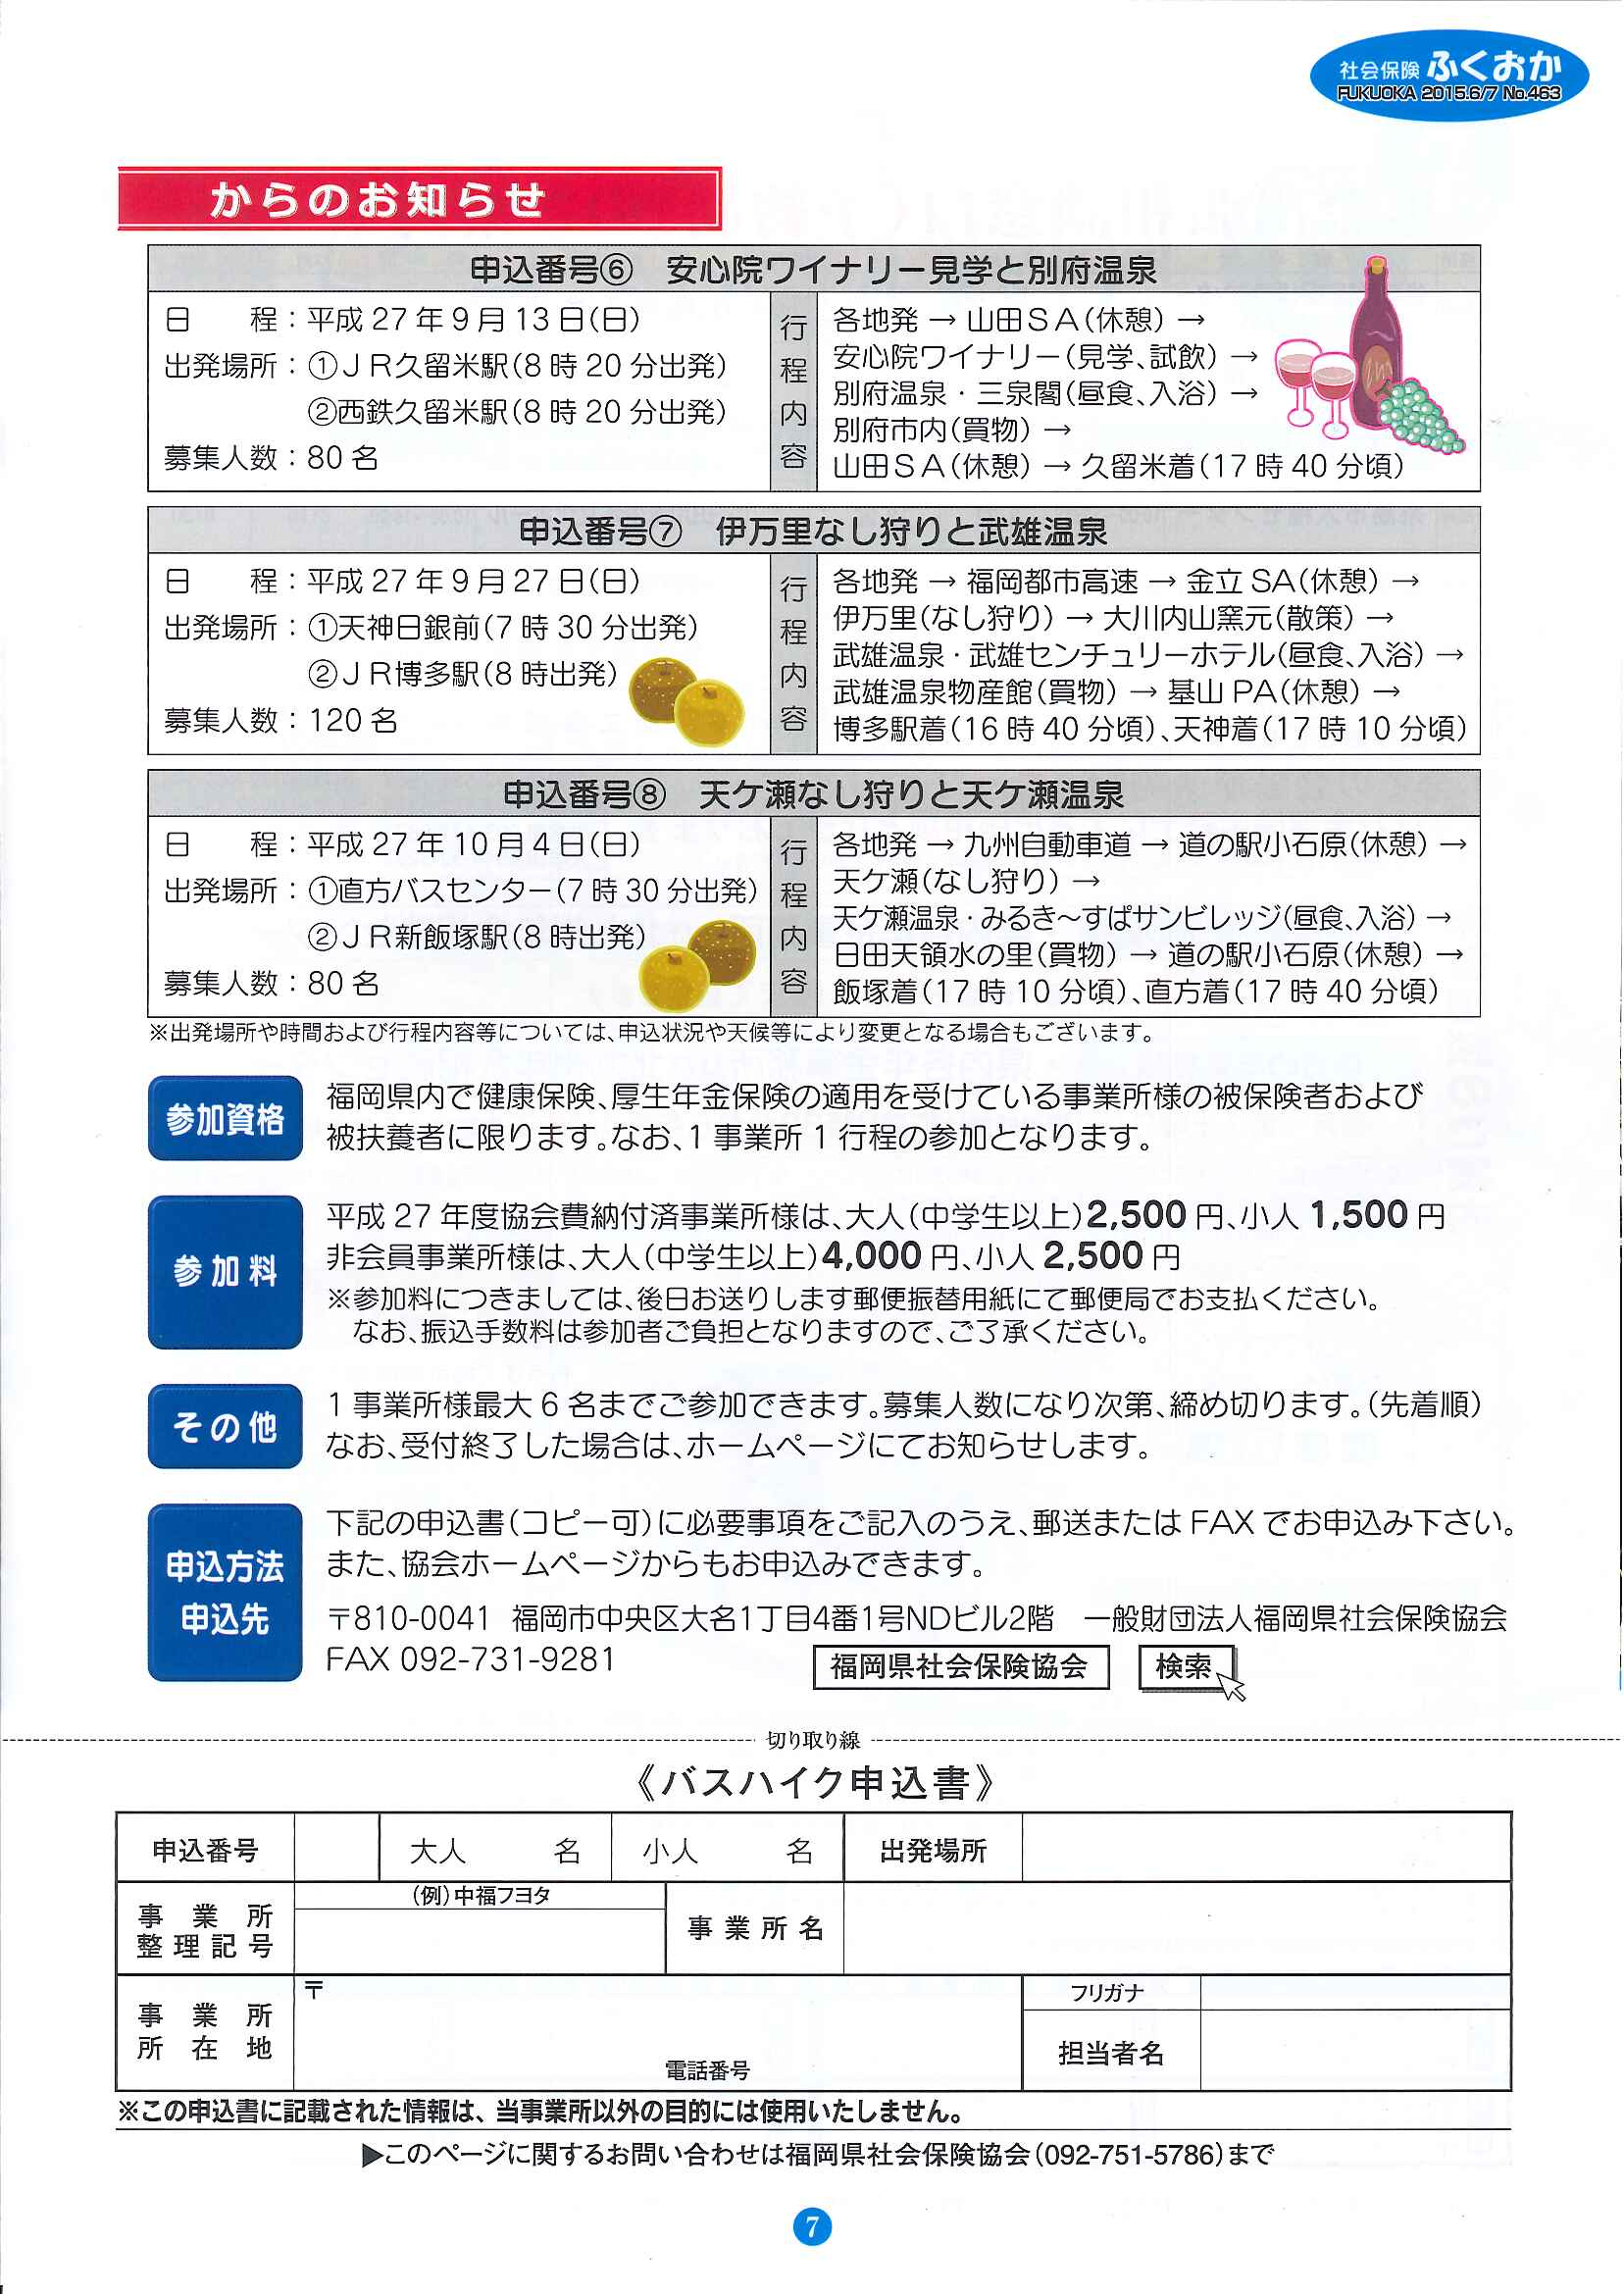 社会保険 ふくおか 2015年6・7月号_f0120774_1583340.jpg